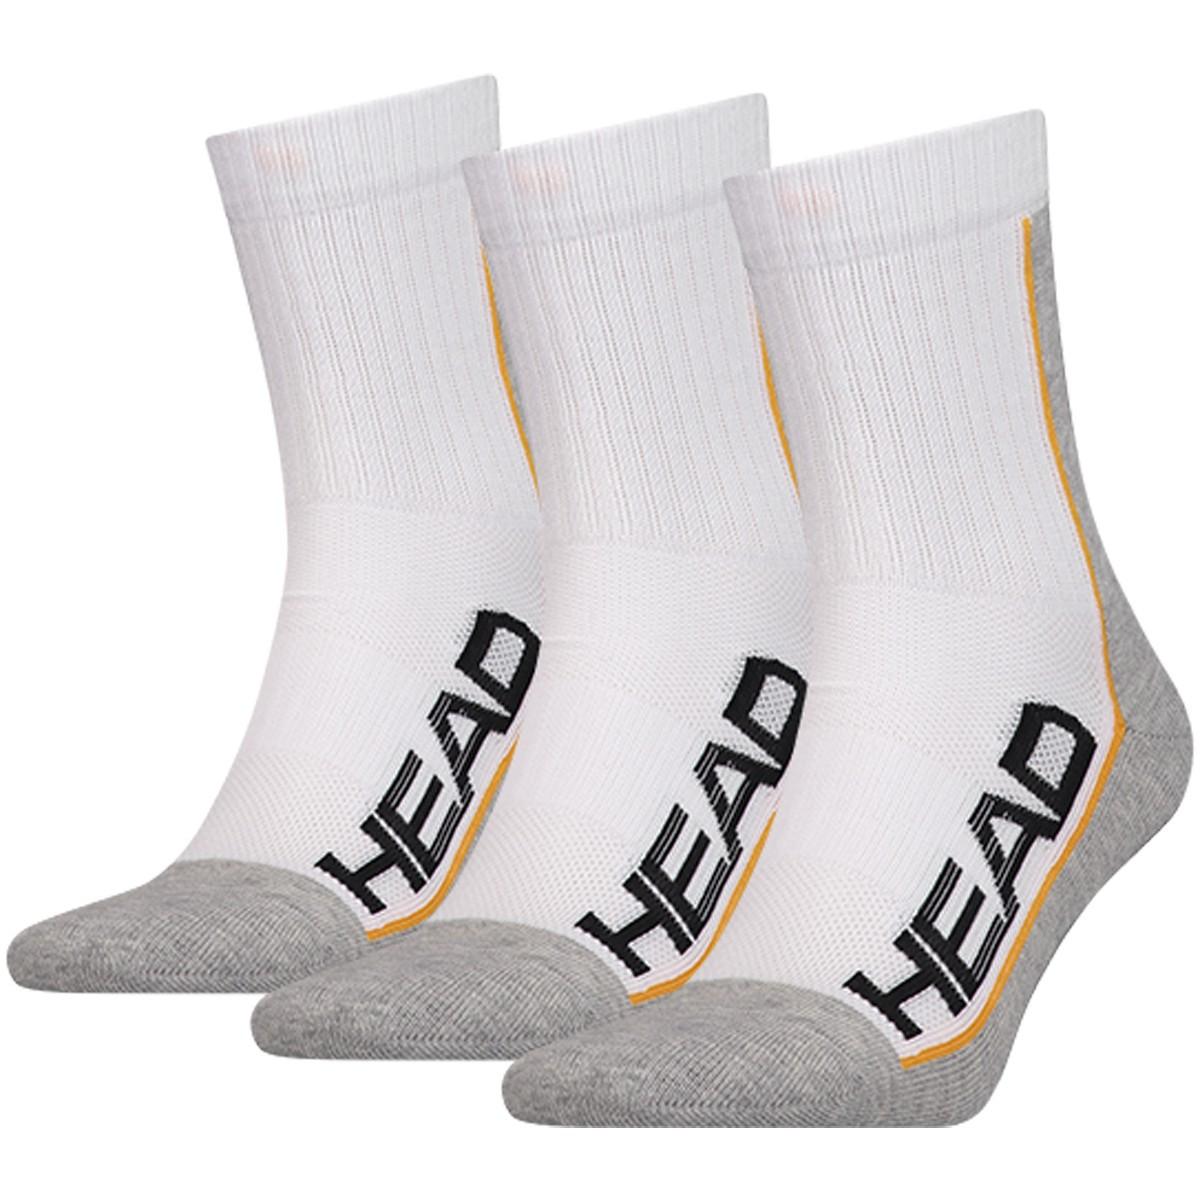 3PACK ponožky HEAD vícebarevné (791011001 062) M